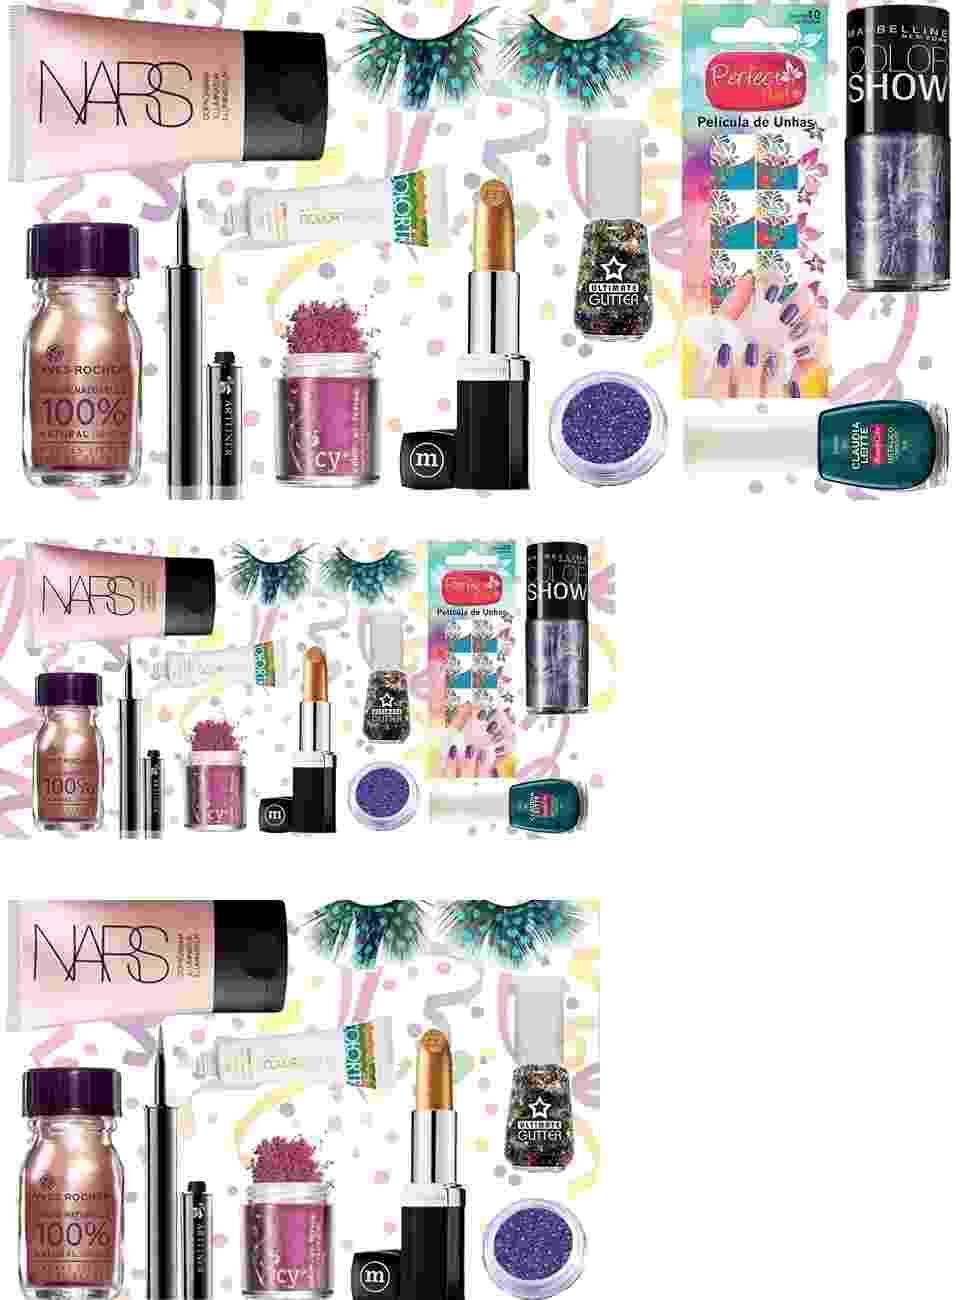 Guia de compras: produtos com brilho para o carnaval - Divulgação/Montagem UOL